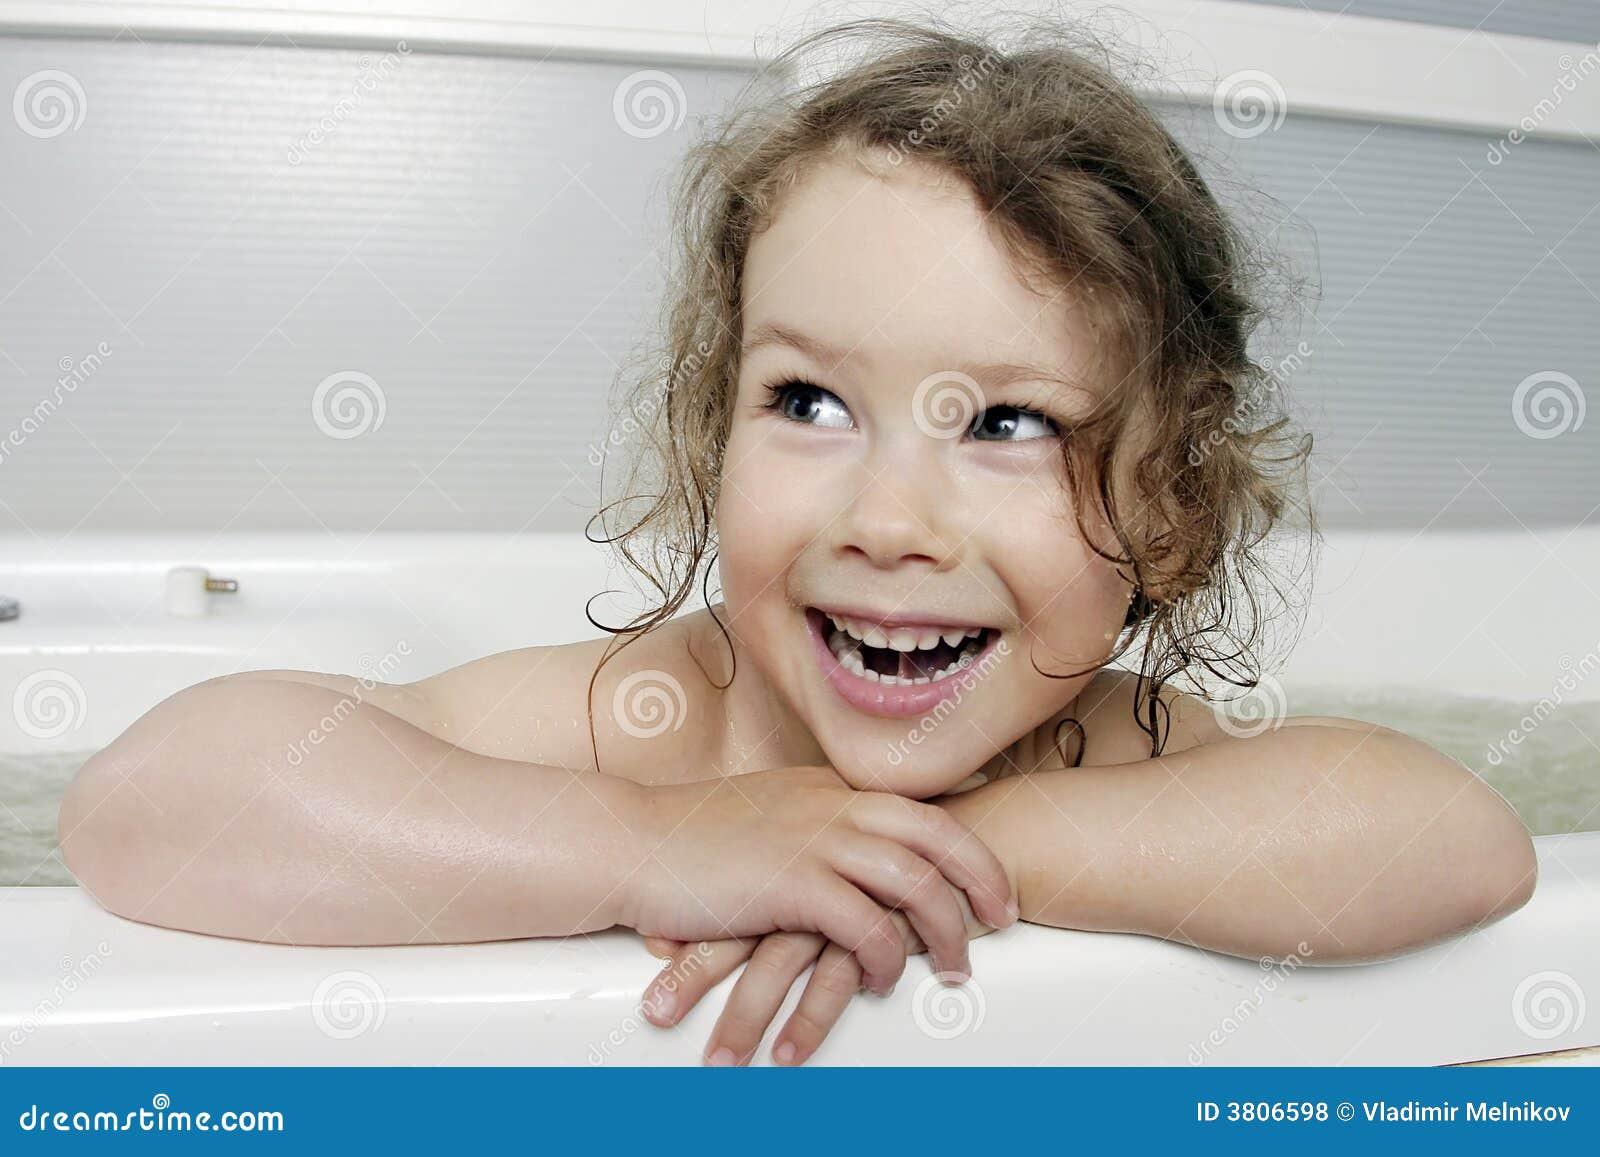 la petite fille dans le bain photos libres de droits. Black Bedroom Furniture Sets. Home Design Ideas